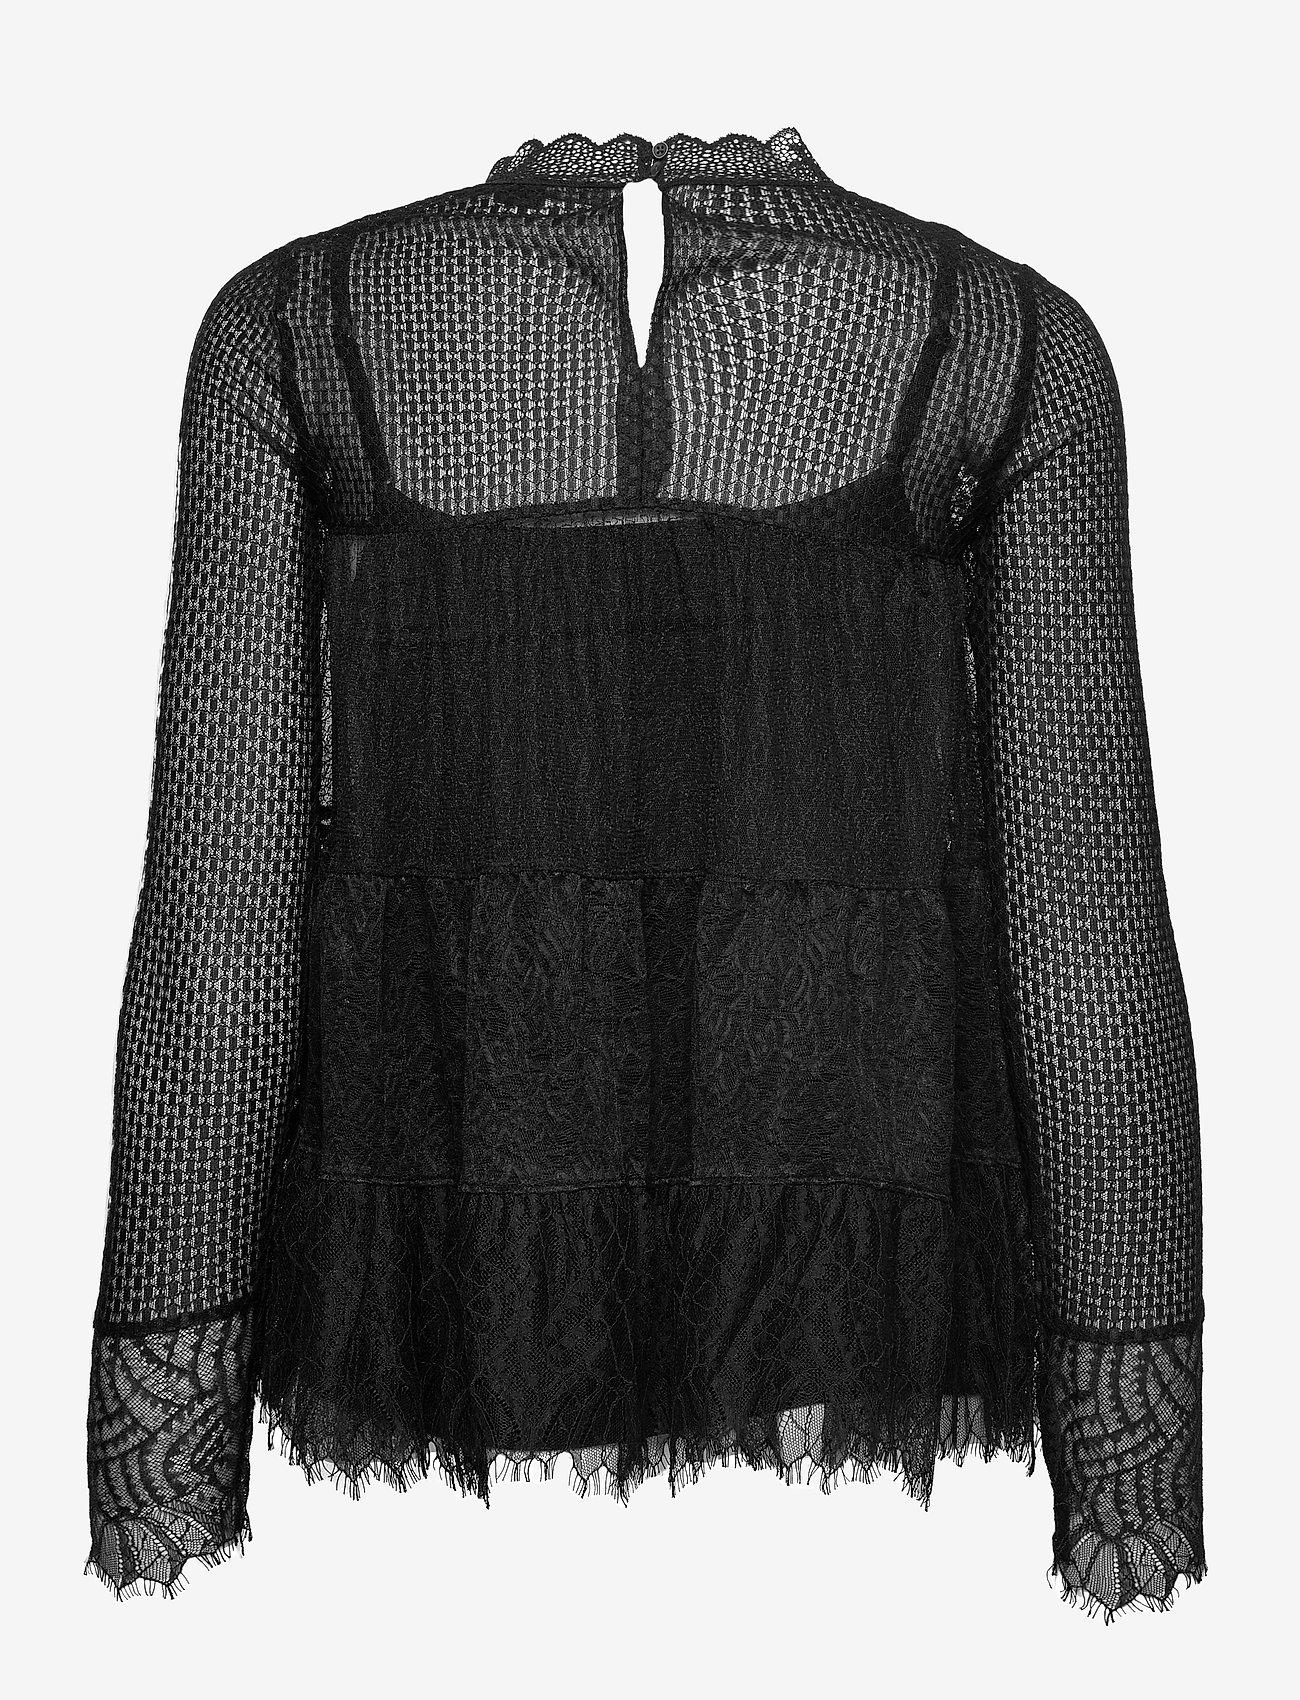 Briella Top (Black) (149 €) - AllSaints AH8PM